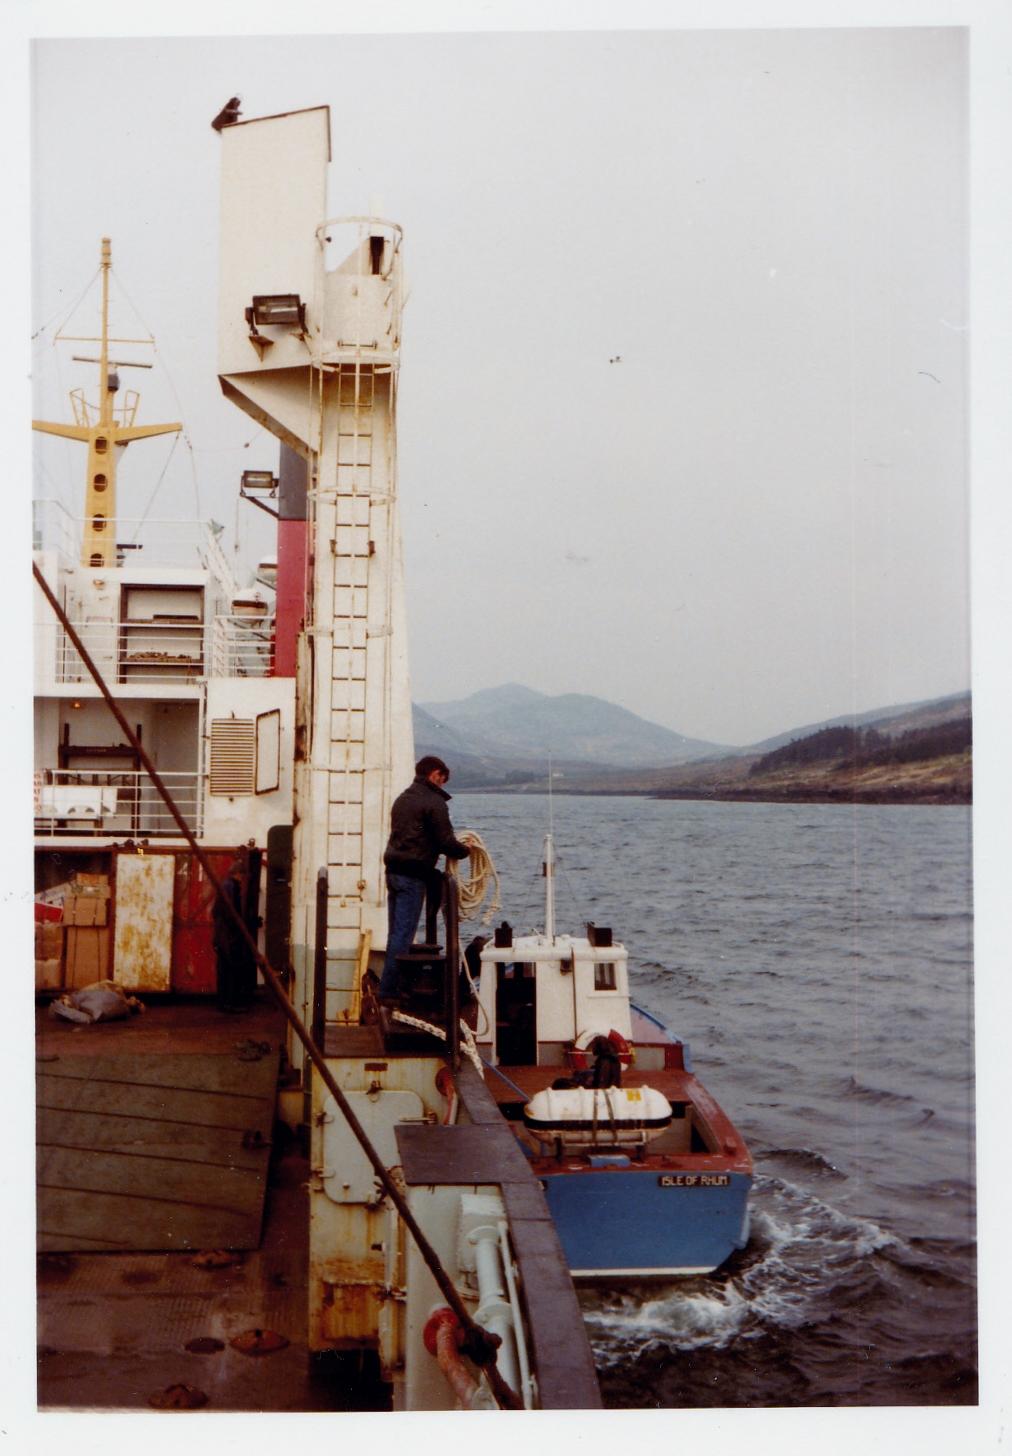 Meeting the Rhum flit boat Rhouma in Loch Scresort, Rhum